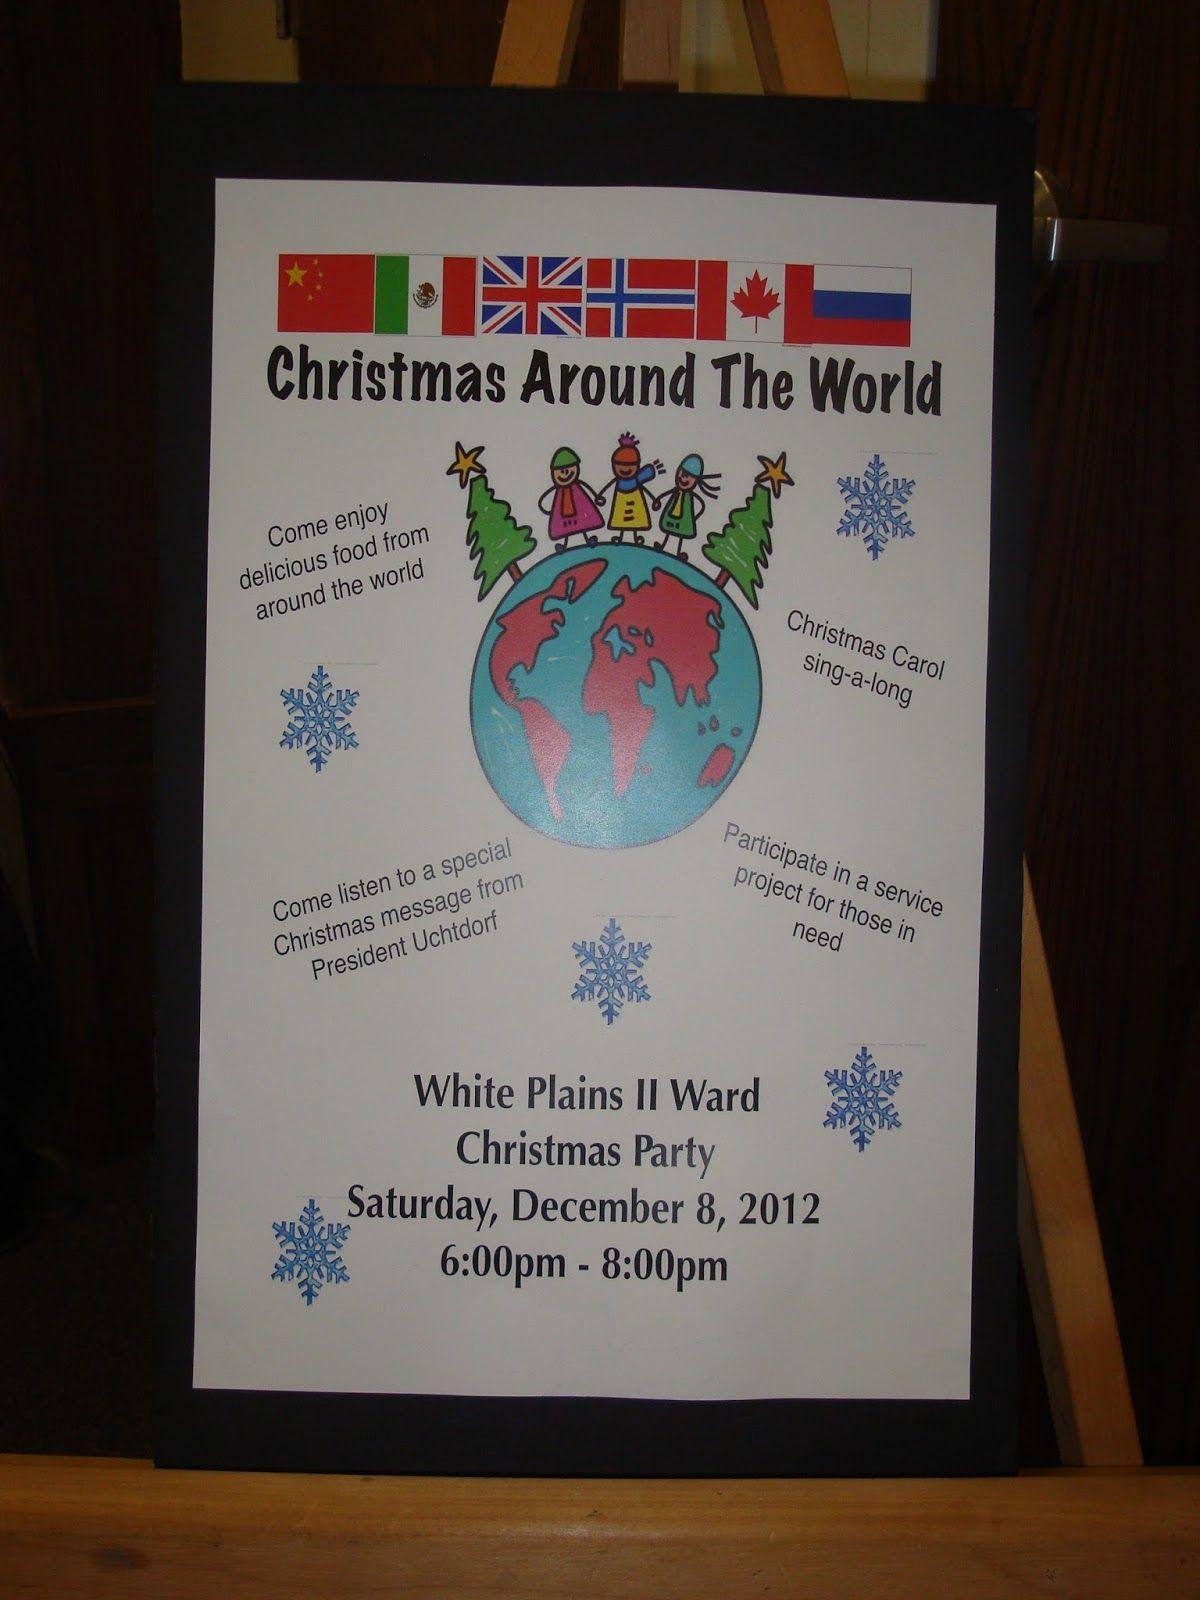 Around The World Dinner Party Ideas Part - 23: Ward Christmas Party Ideas: Christmas Around The World U2026